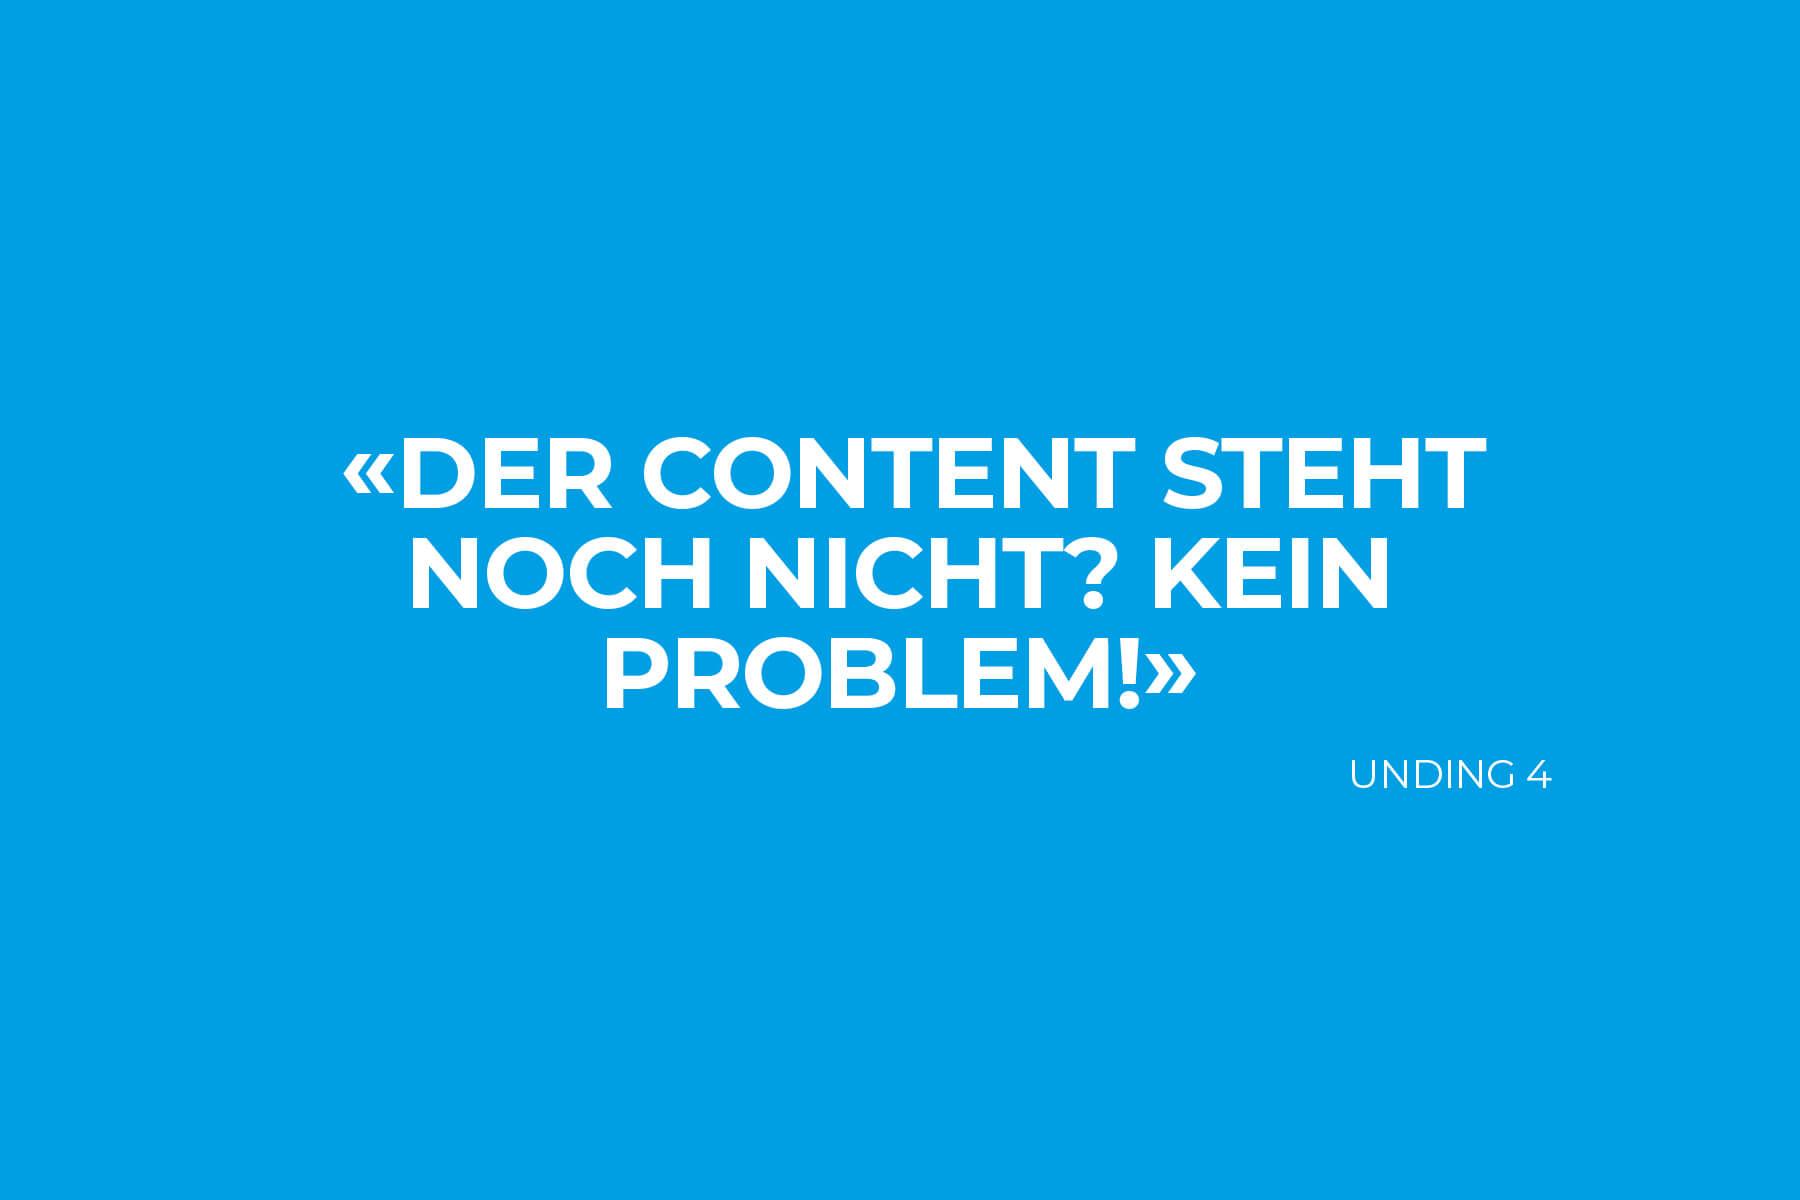 cc_4_unding-kein-content